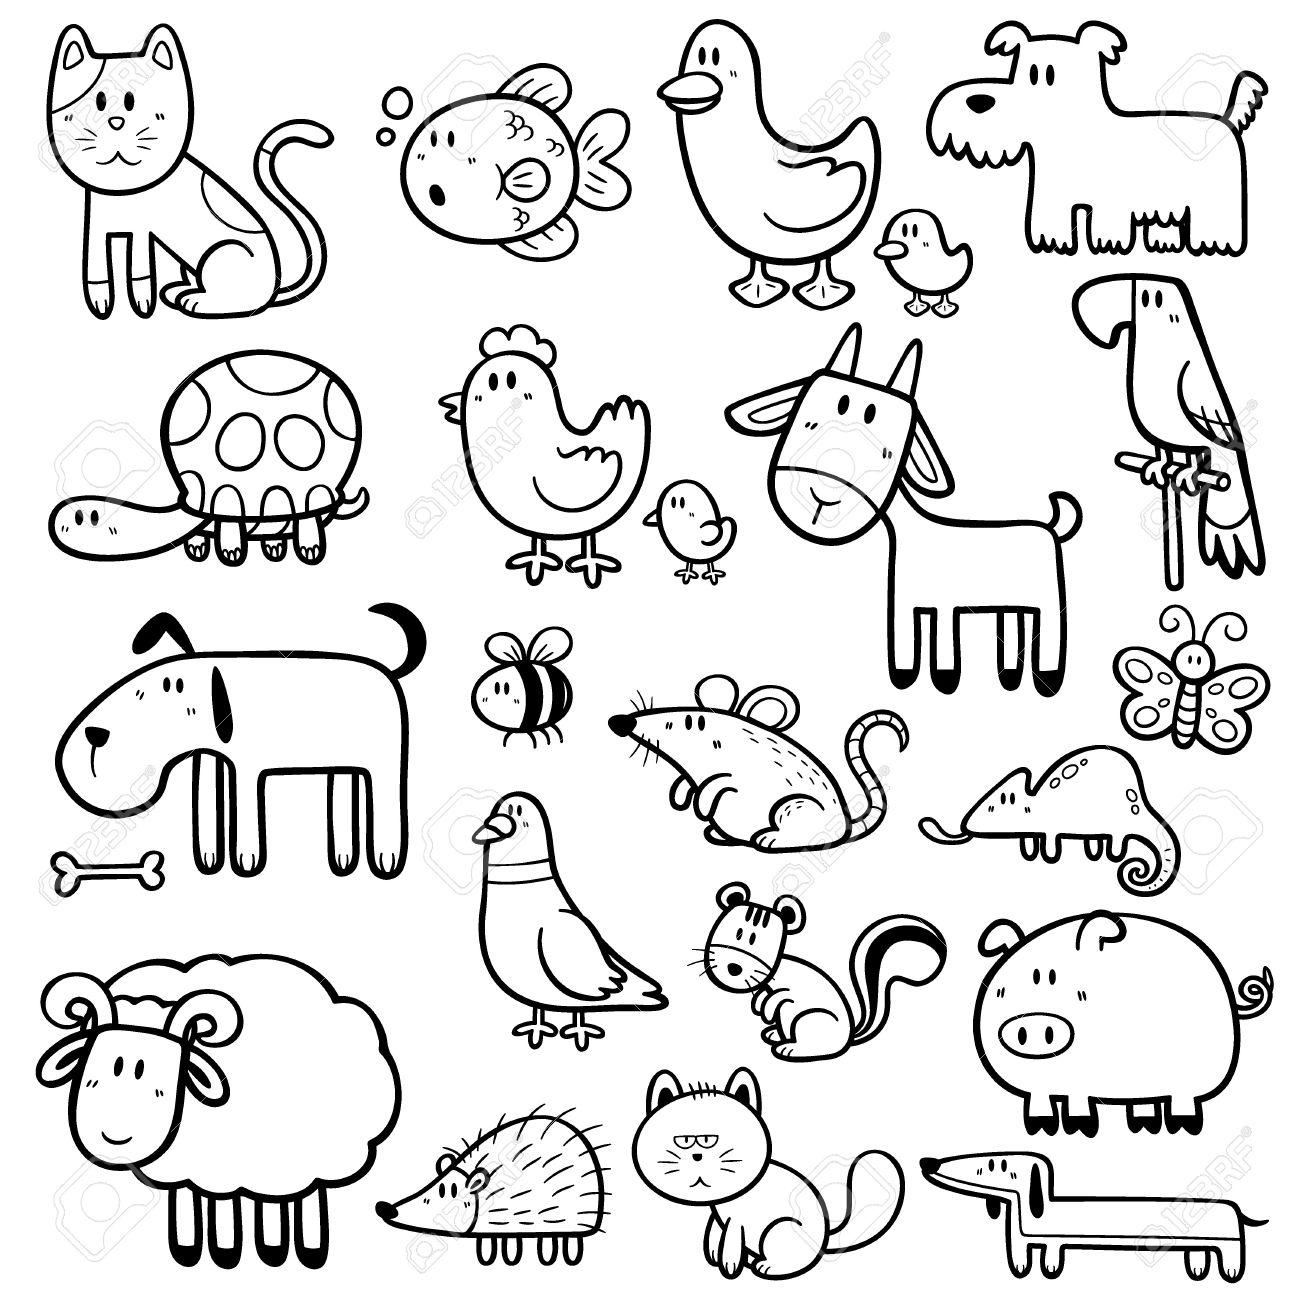 ベクトル漫画イラスト動物の塗り絵 写真素材 , 32875980